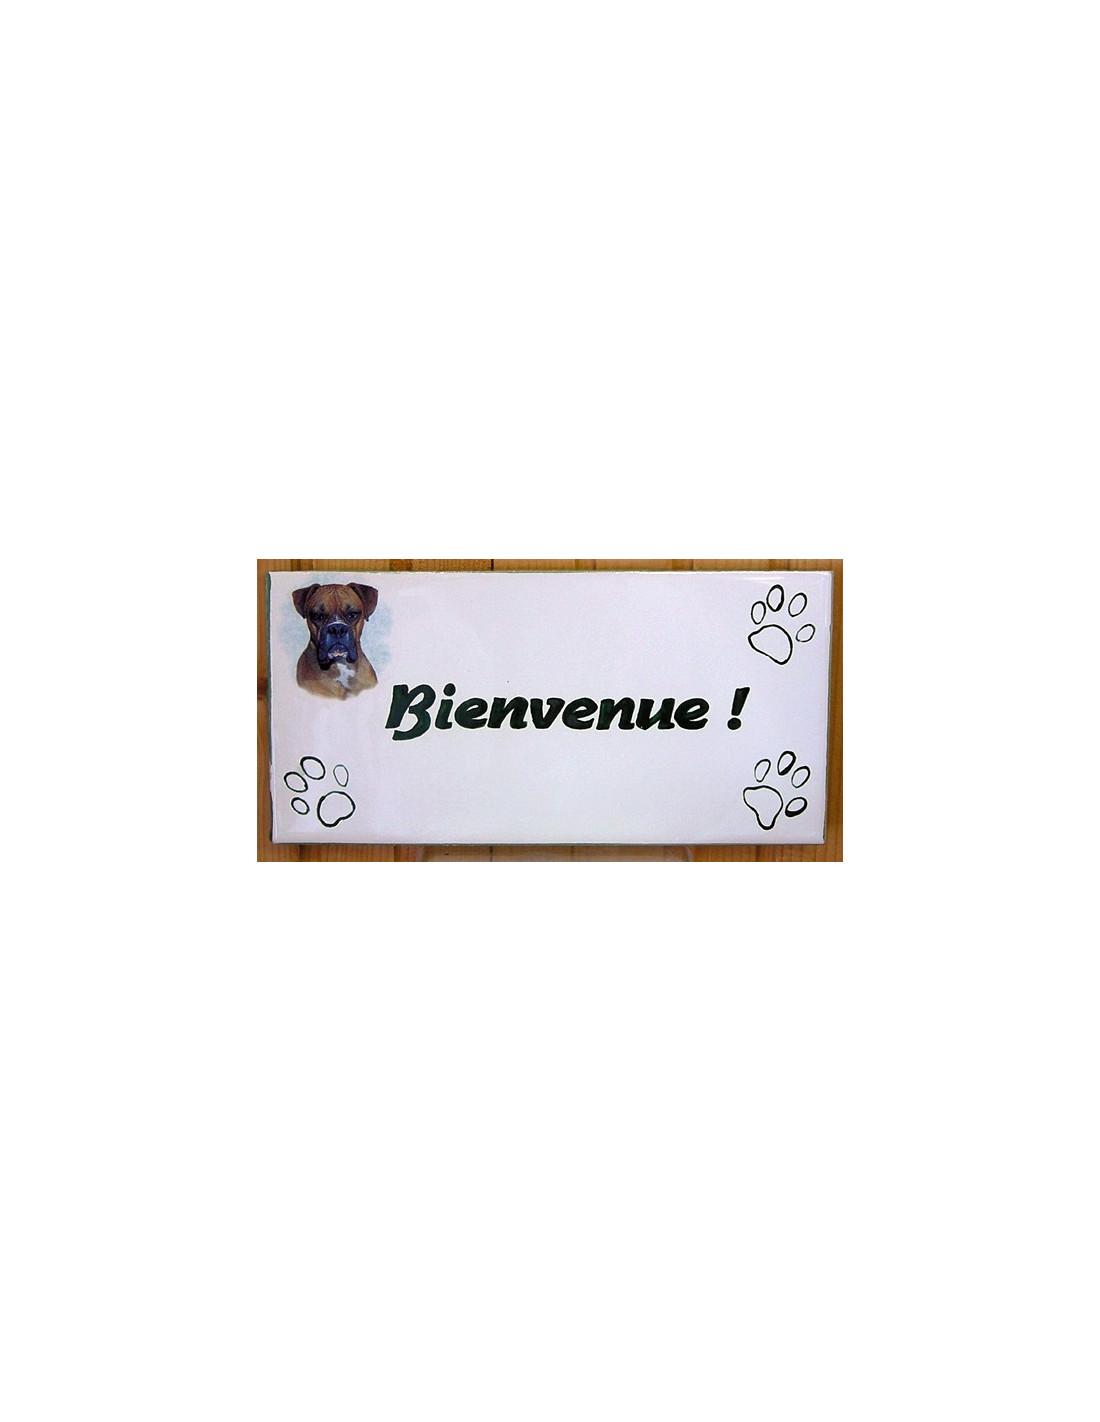 plaque rectangulaire de maison en c ramique maill e motif chien boxer inscription. Black Bedroom Furniture Sets. Home Design Ideas